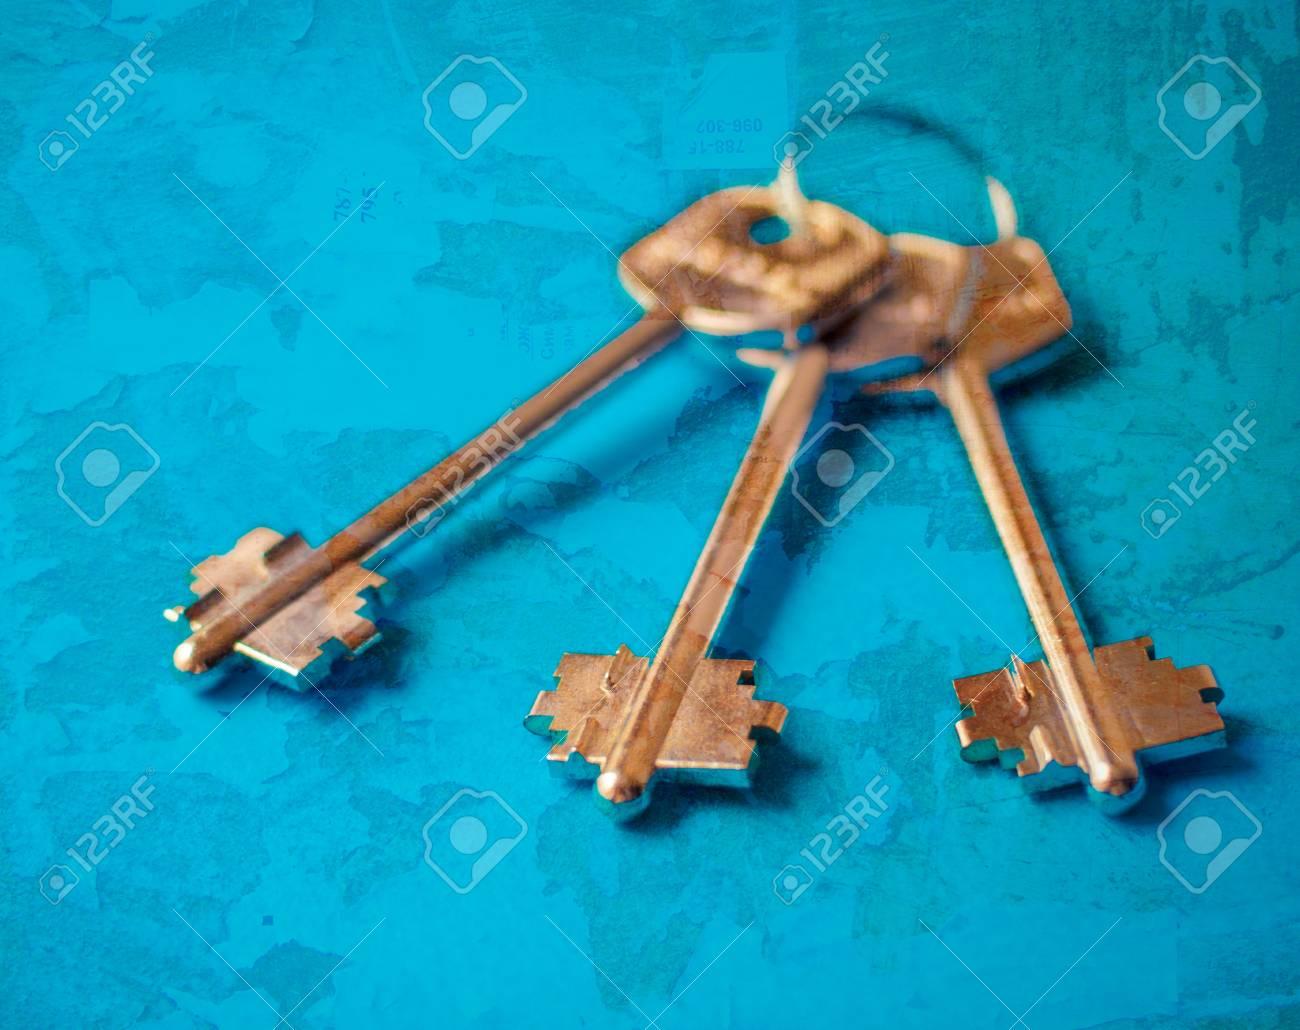 Keys on a blue background Stock Photo - 19767428